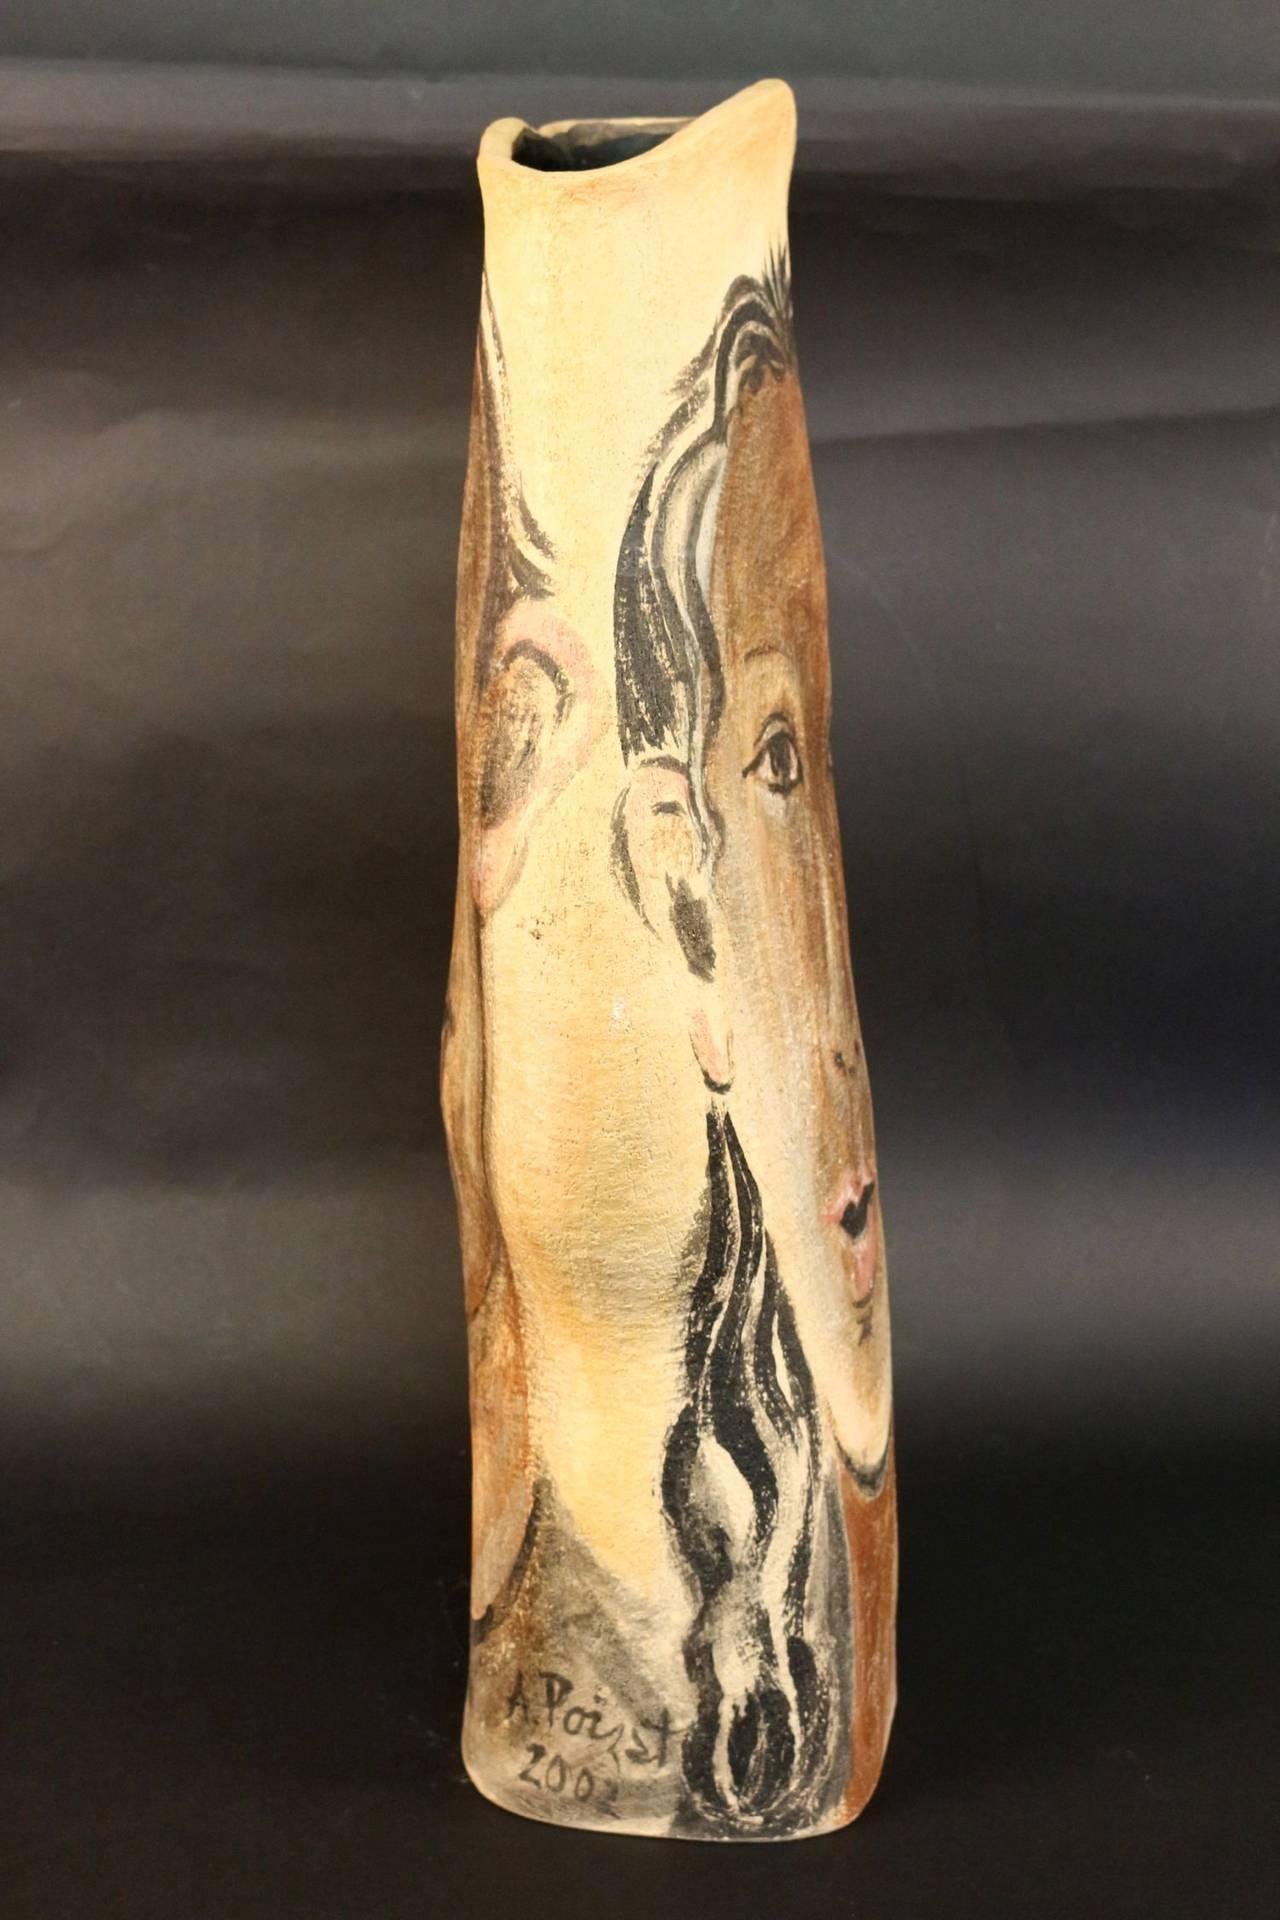 Earthenware Umbrella Holder or Large Vase Signed Albert Poizat, 2002 For Sale